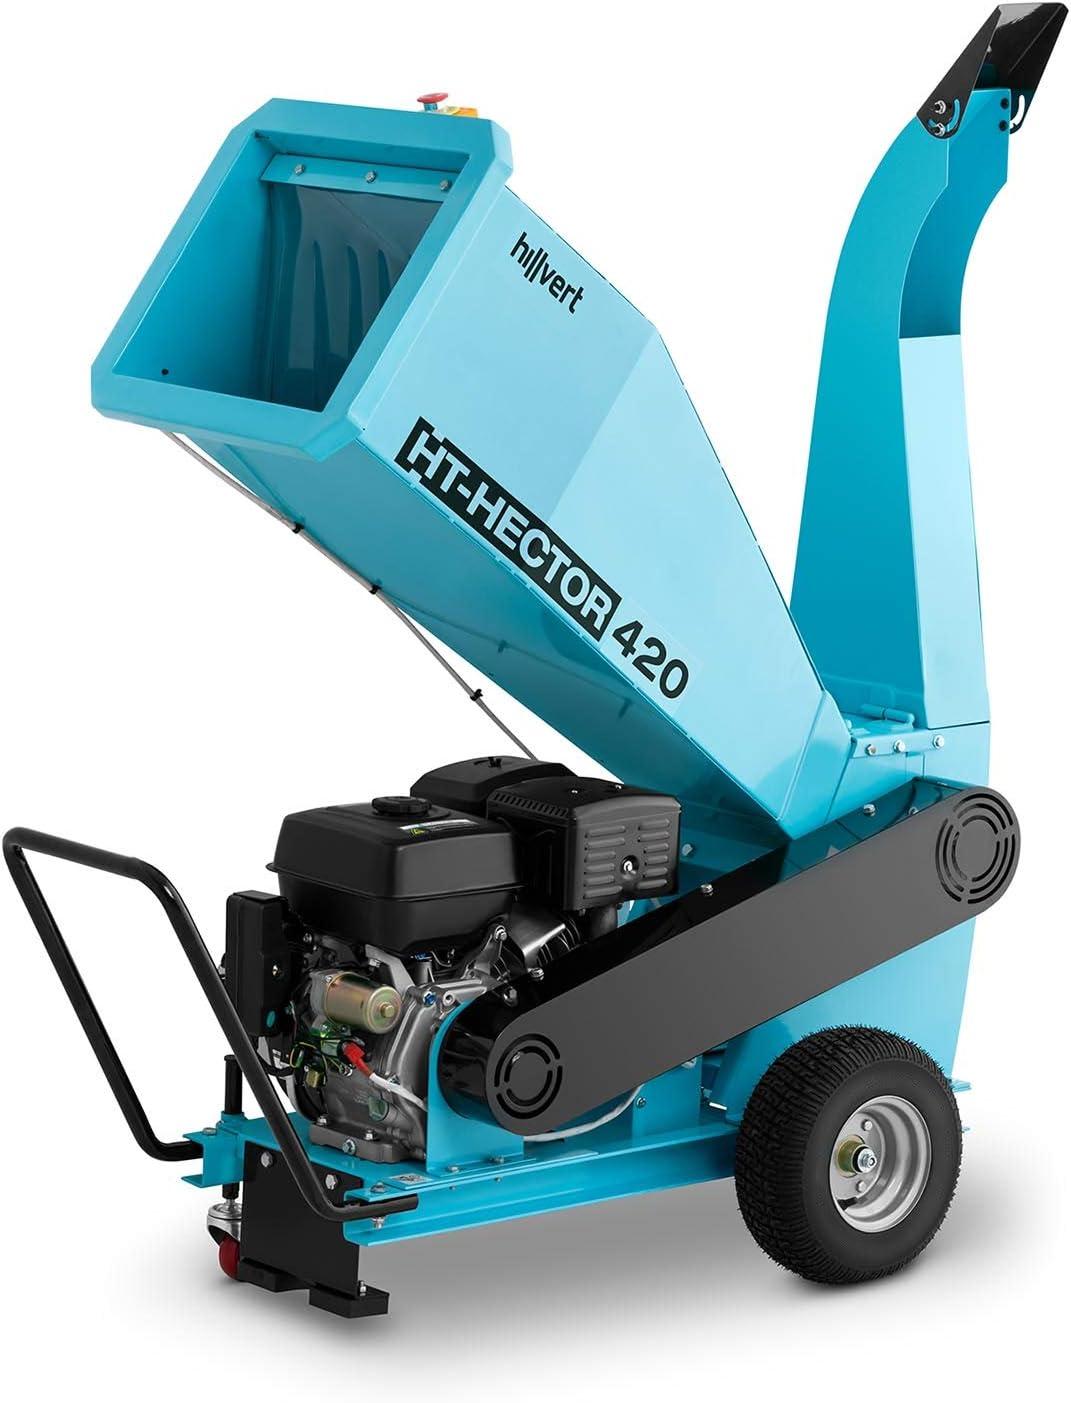 hillvert Trituradora De Madera a Gasolina Triturador De Jardín HT-HECTOR 420 (Velocidad Giro: 3.600 rpm, Potencia Máx. Motor: 15 PS, Diámetro Máx. Corte: 100 mm